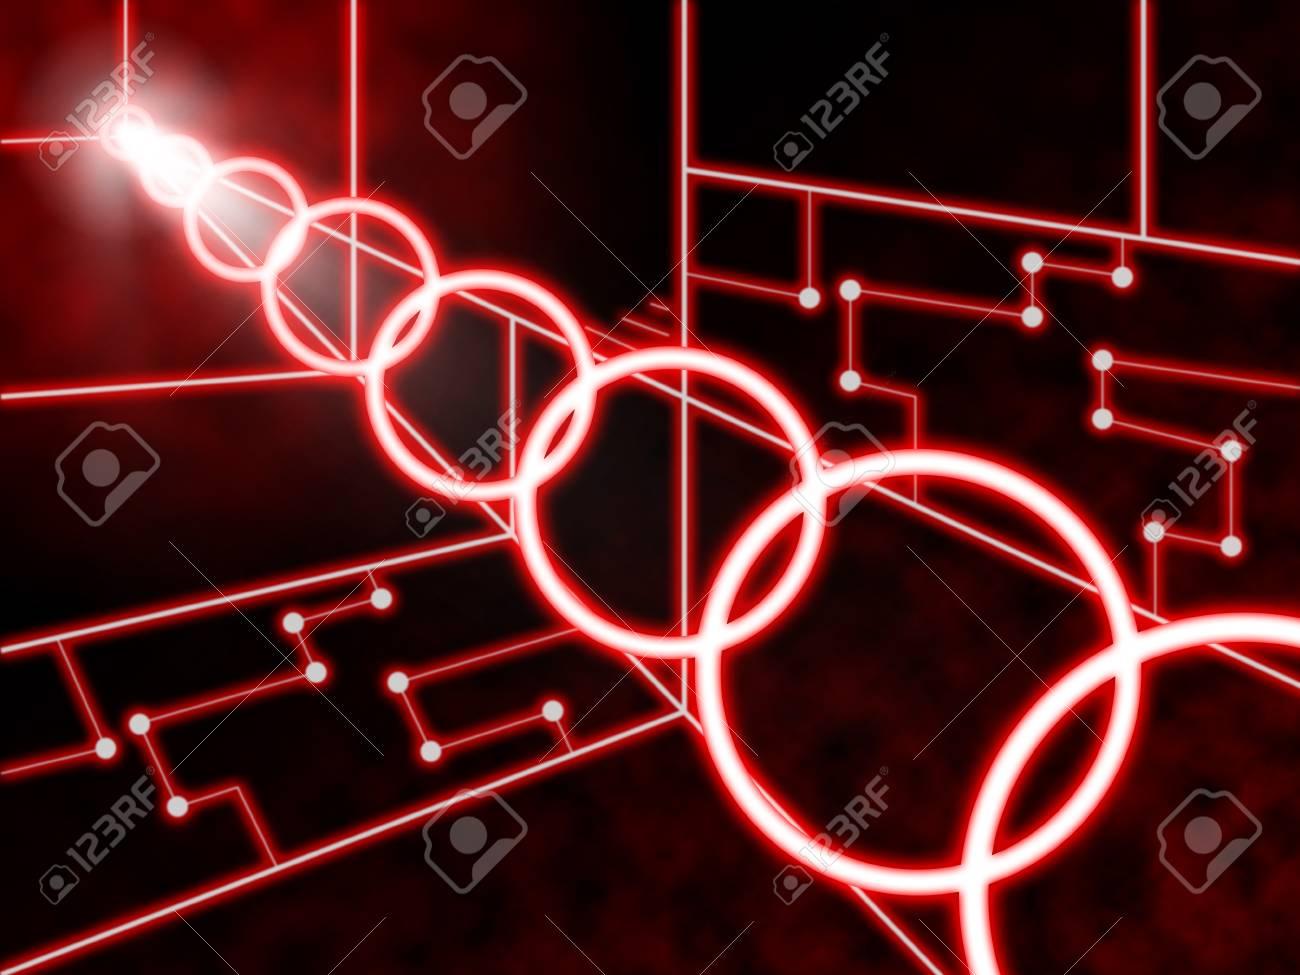 Circuito Significado : Antecedentes circuito laser significado diseño futurista o concept